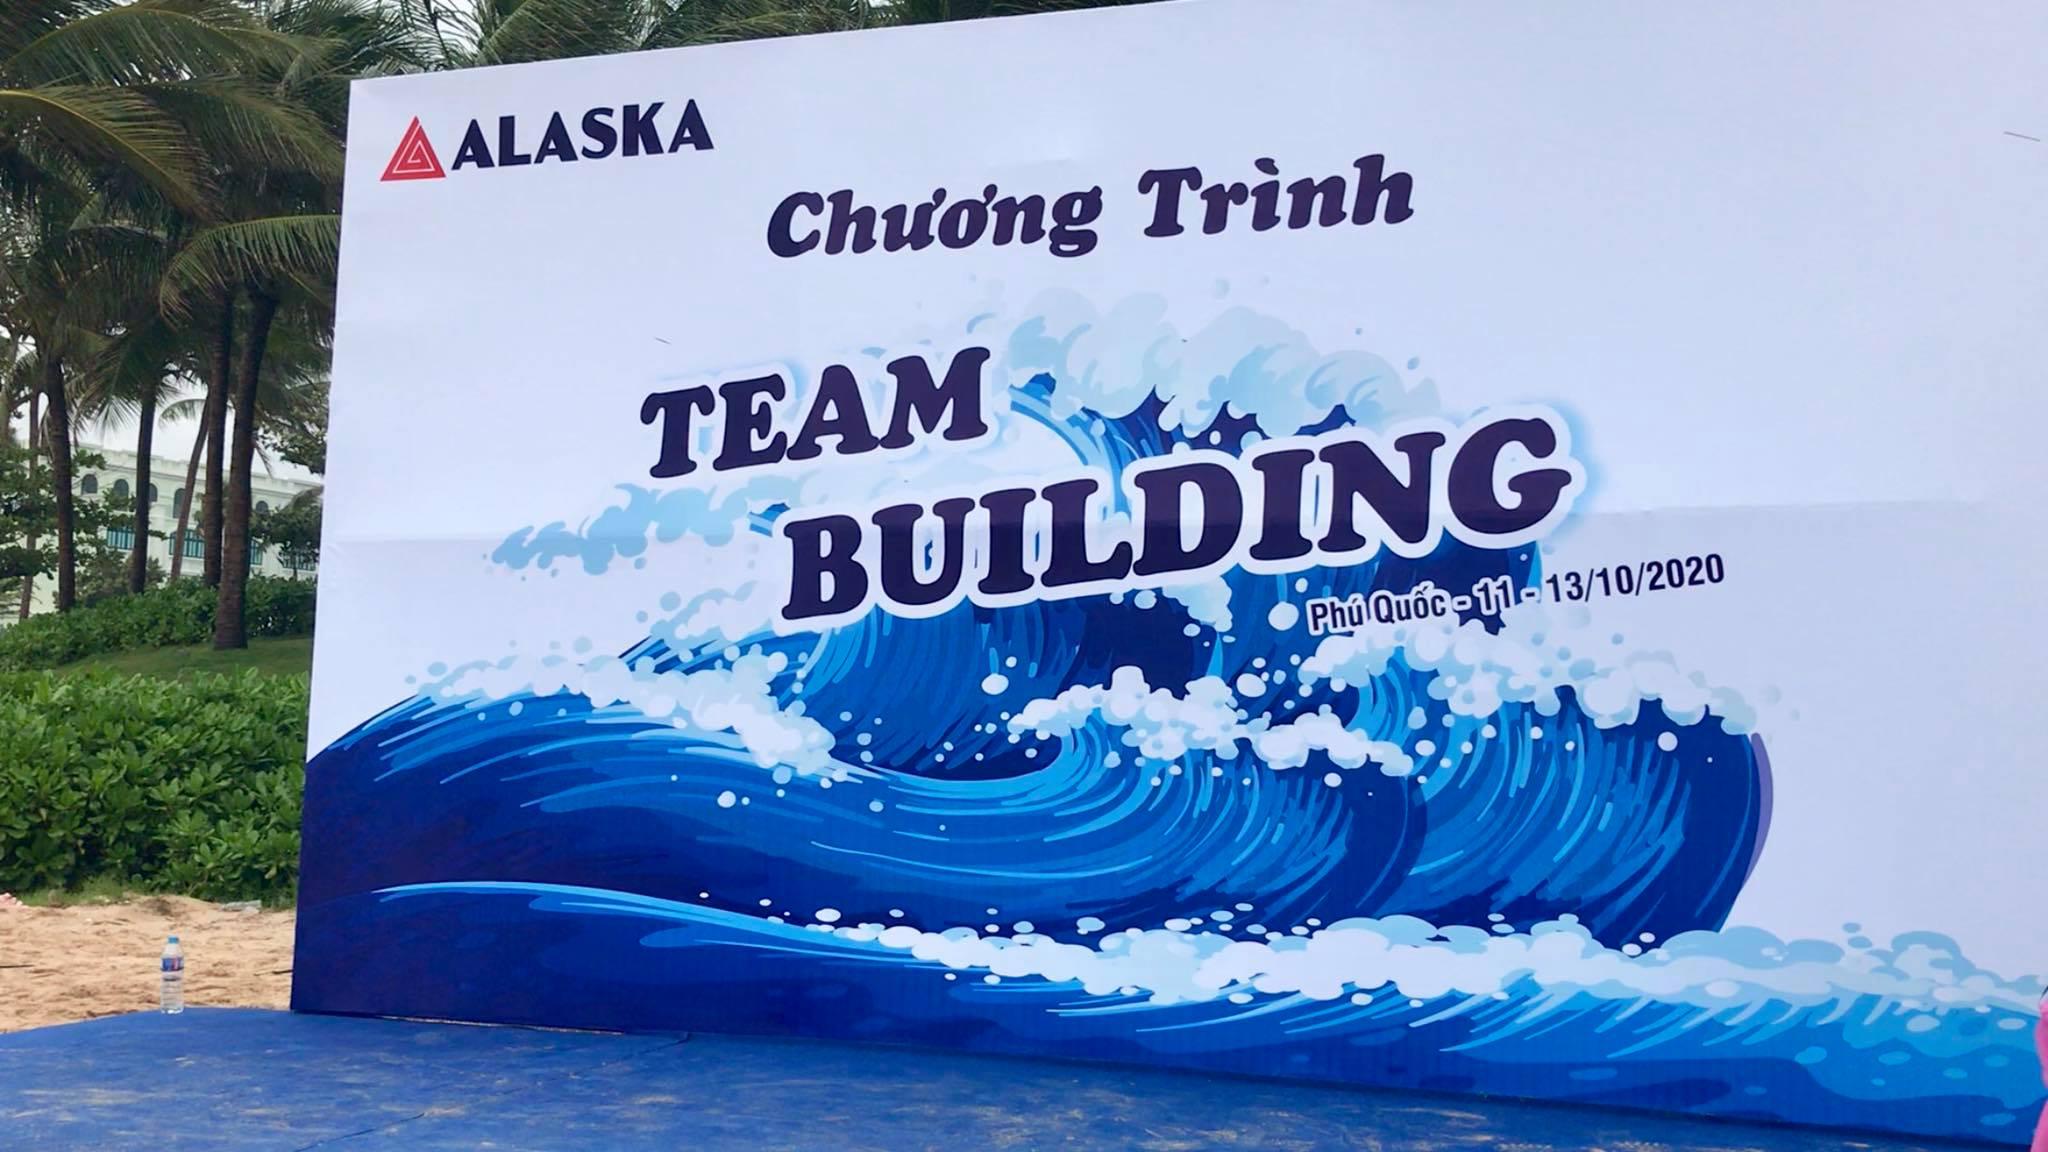 TEAM BUILDING ALASKA 2020 CÙNG CÁC NHÀ PHÂN PHỐI CẢ NƯỚC TẠI PHÚ QUỐC